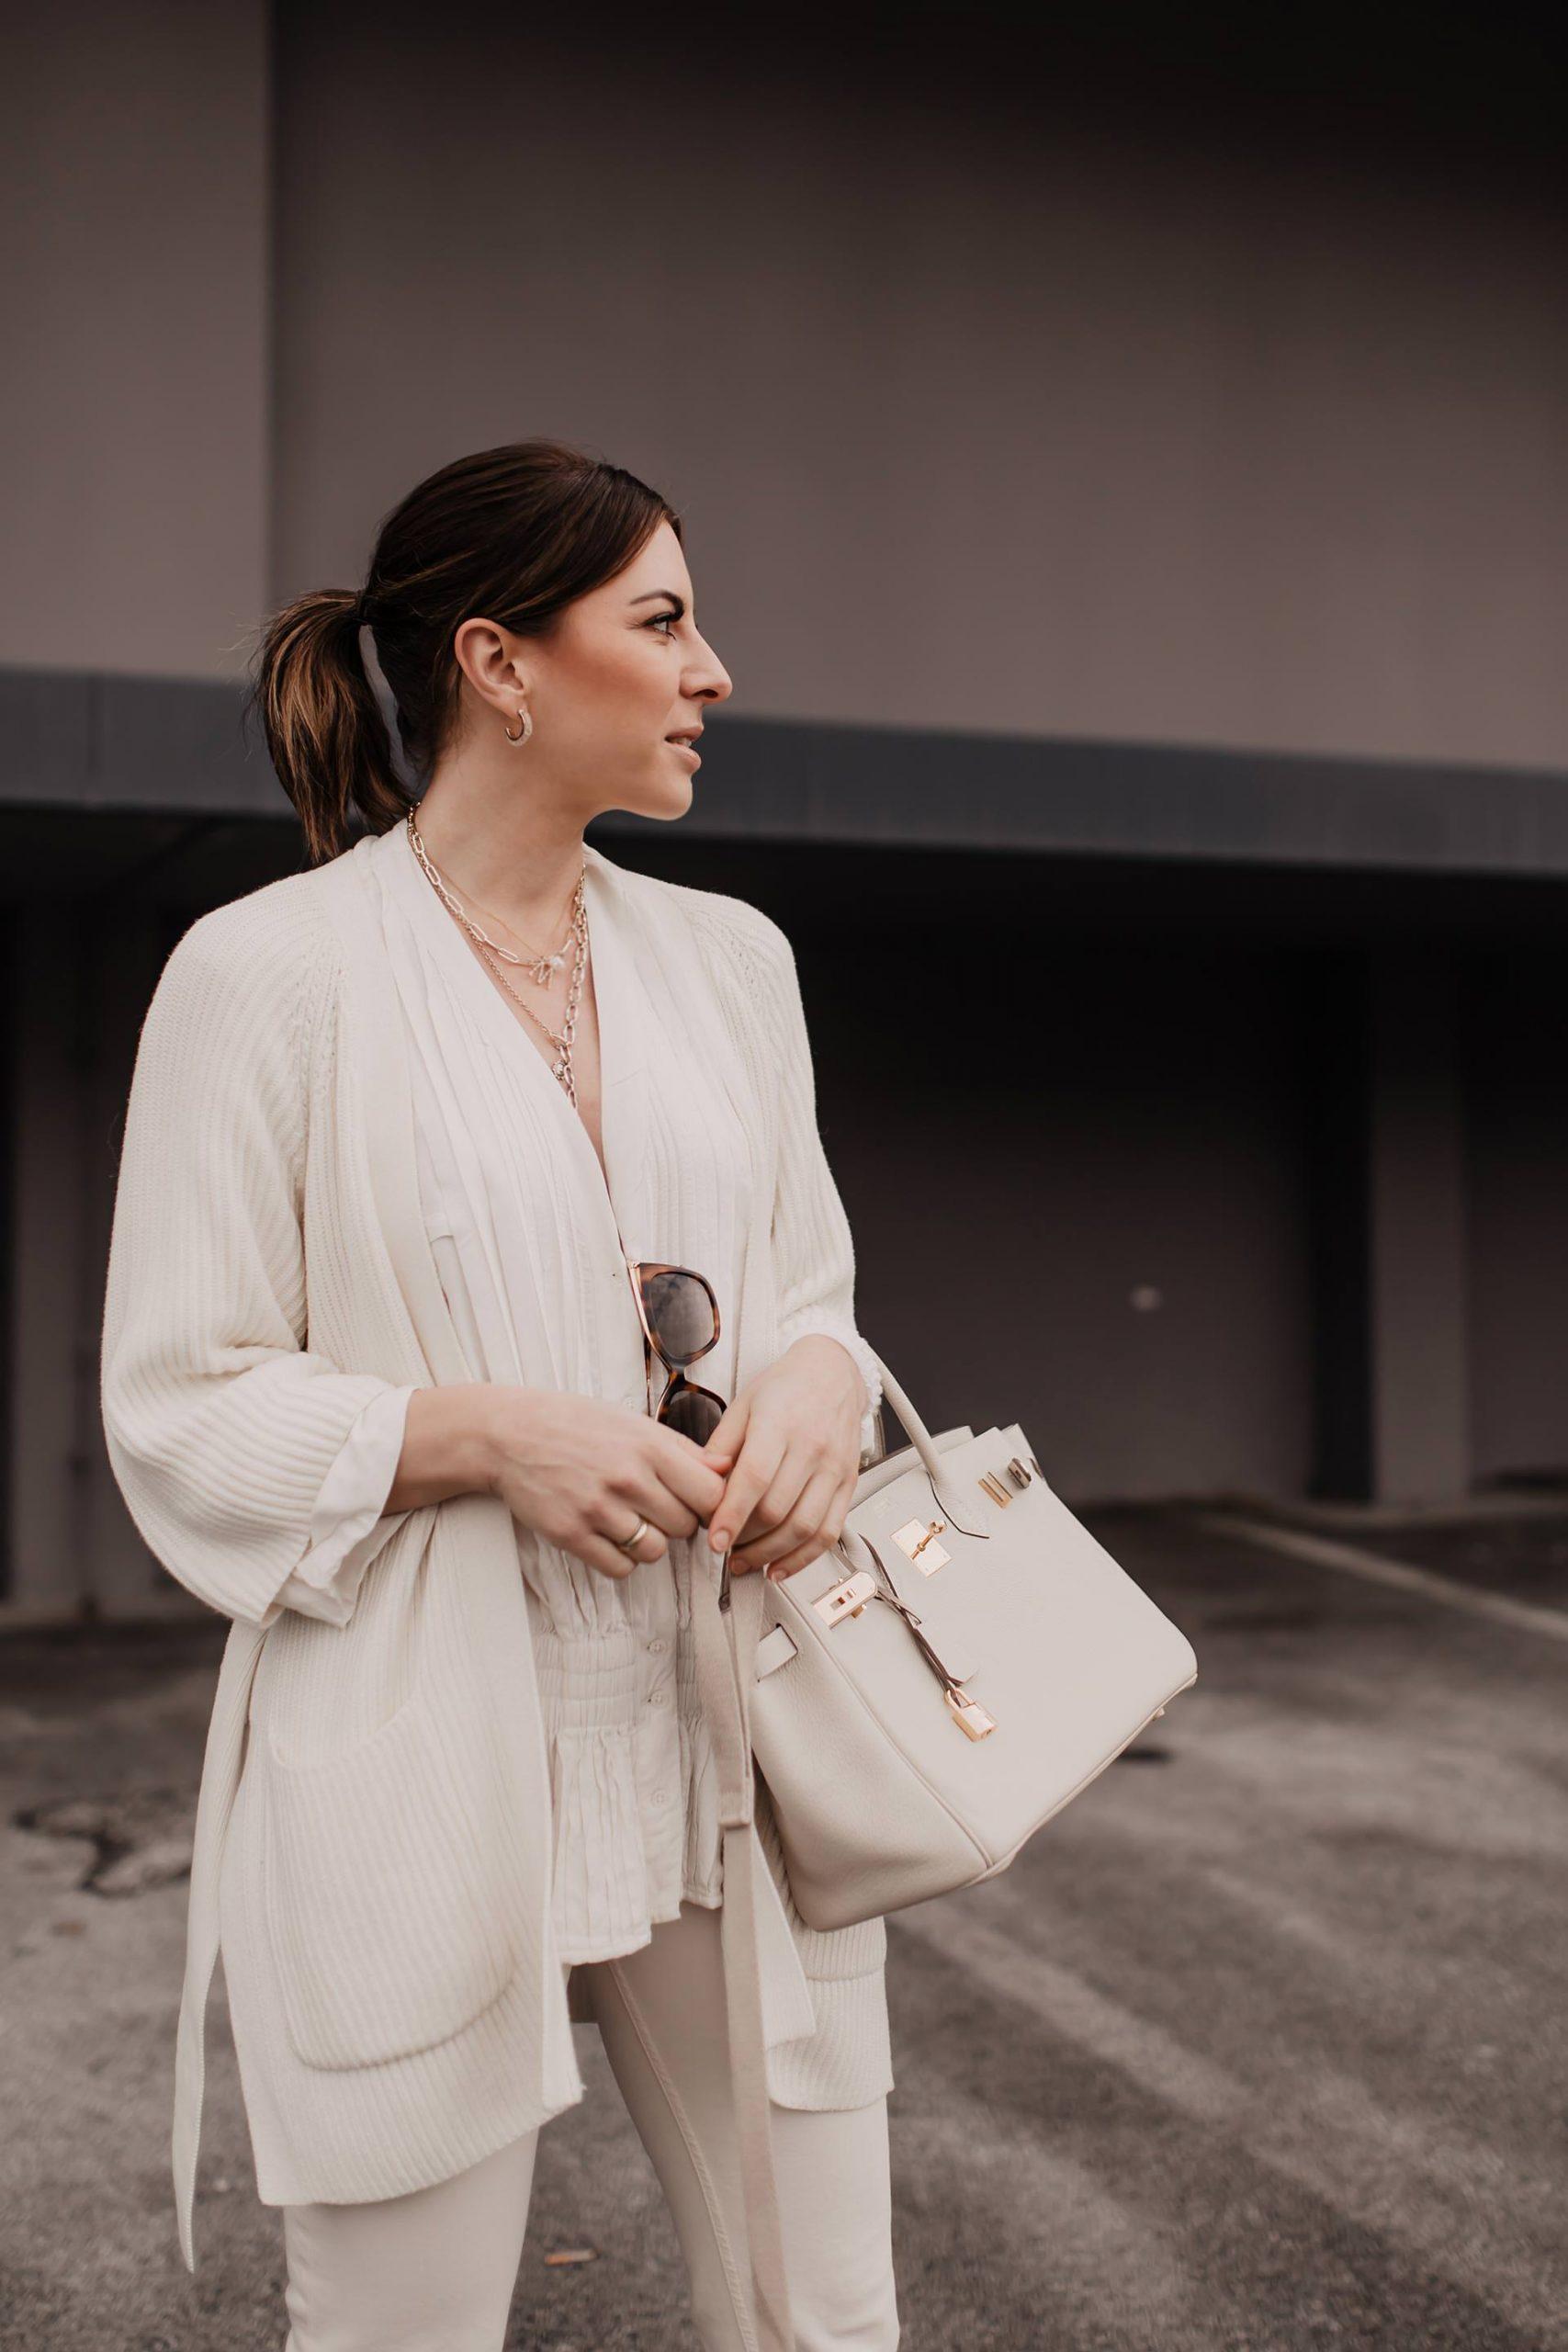 Was ist im Frühling modern? Ich zeige dir 24schöne Frühlings-Trends für 2020, die gemeinsam eine wunderbare Capsule Wardrobe für deine Spring Looks ergeben. Viel Spaß mit den aktuellen Trends am Modeblog www.whoismocca.com #frühlingstrends #modetrends #frühling2020